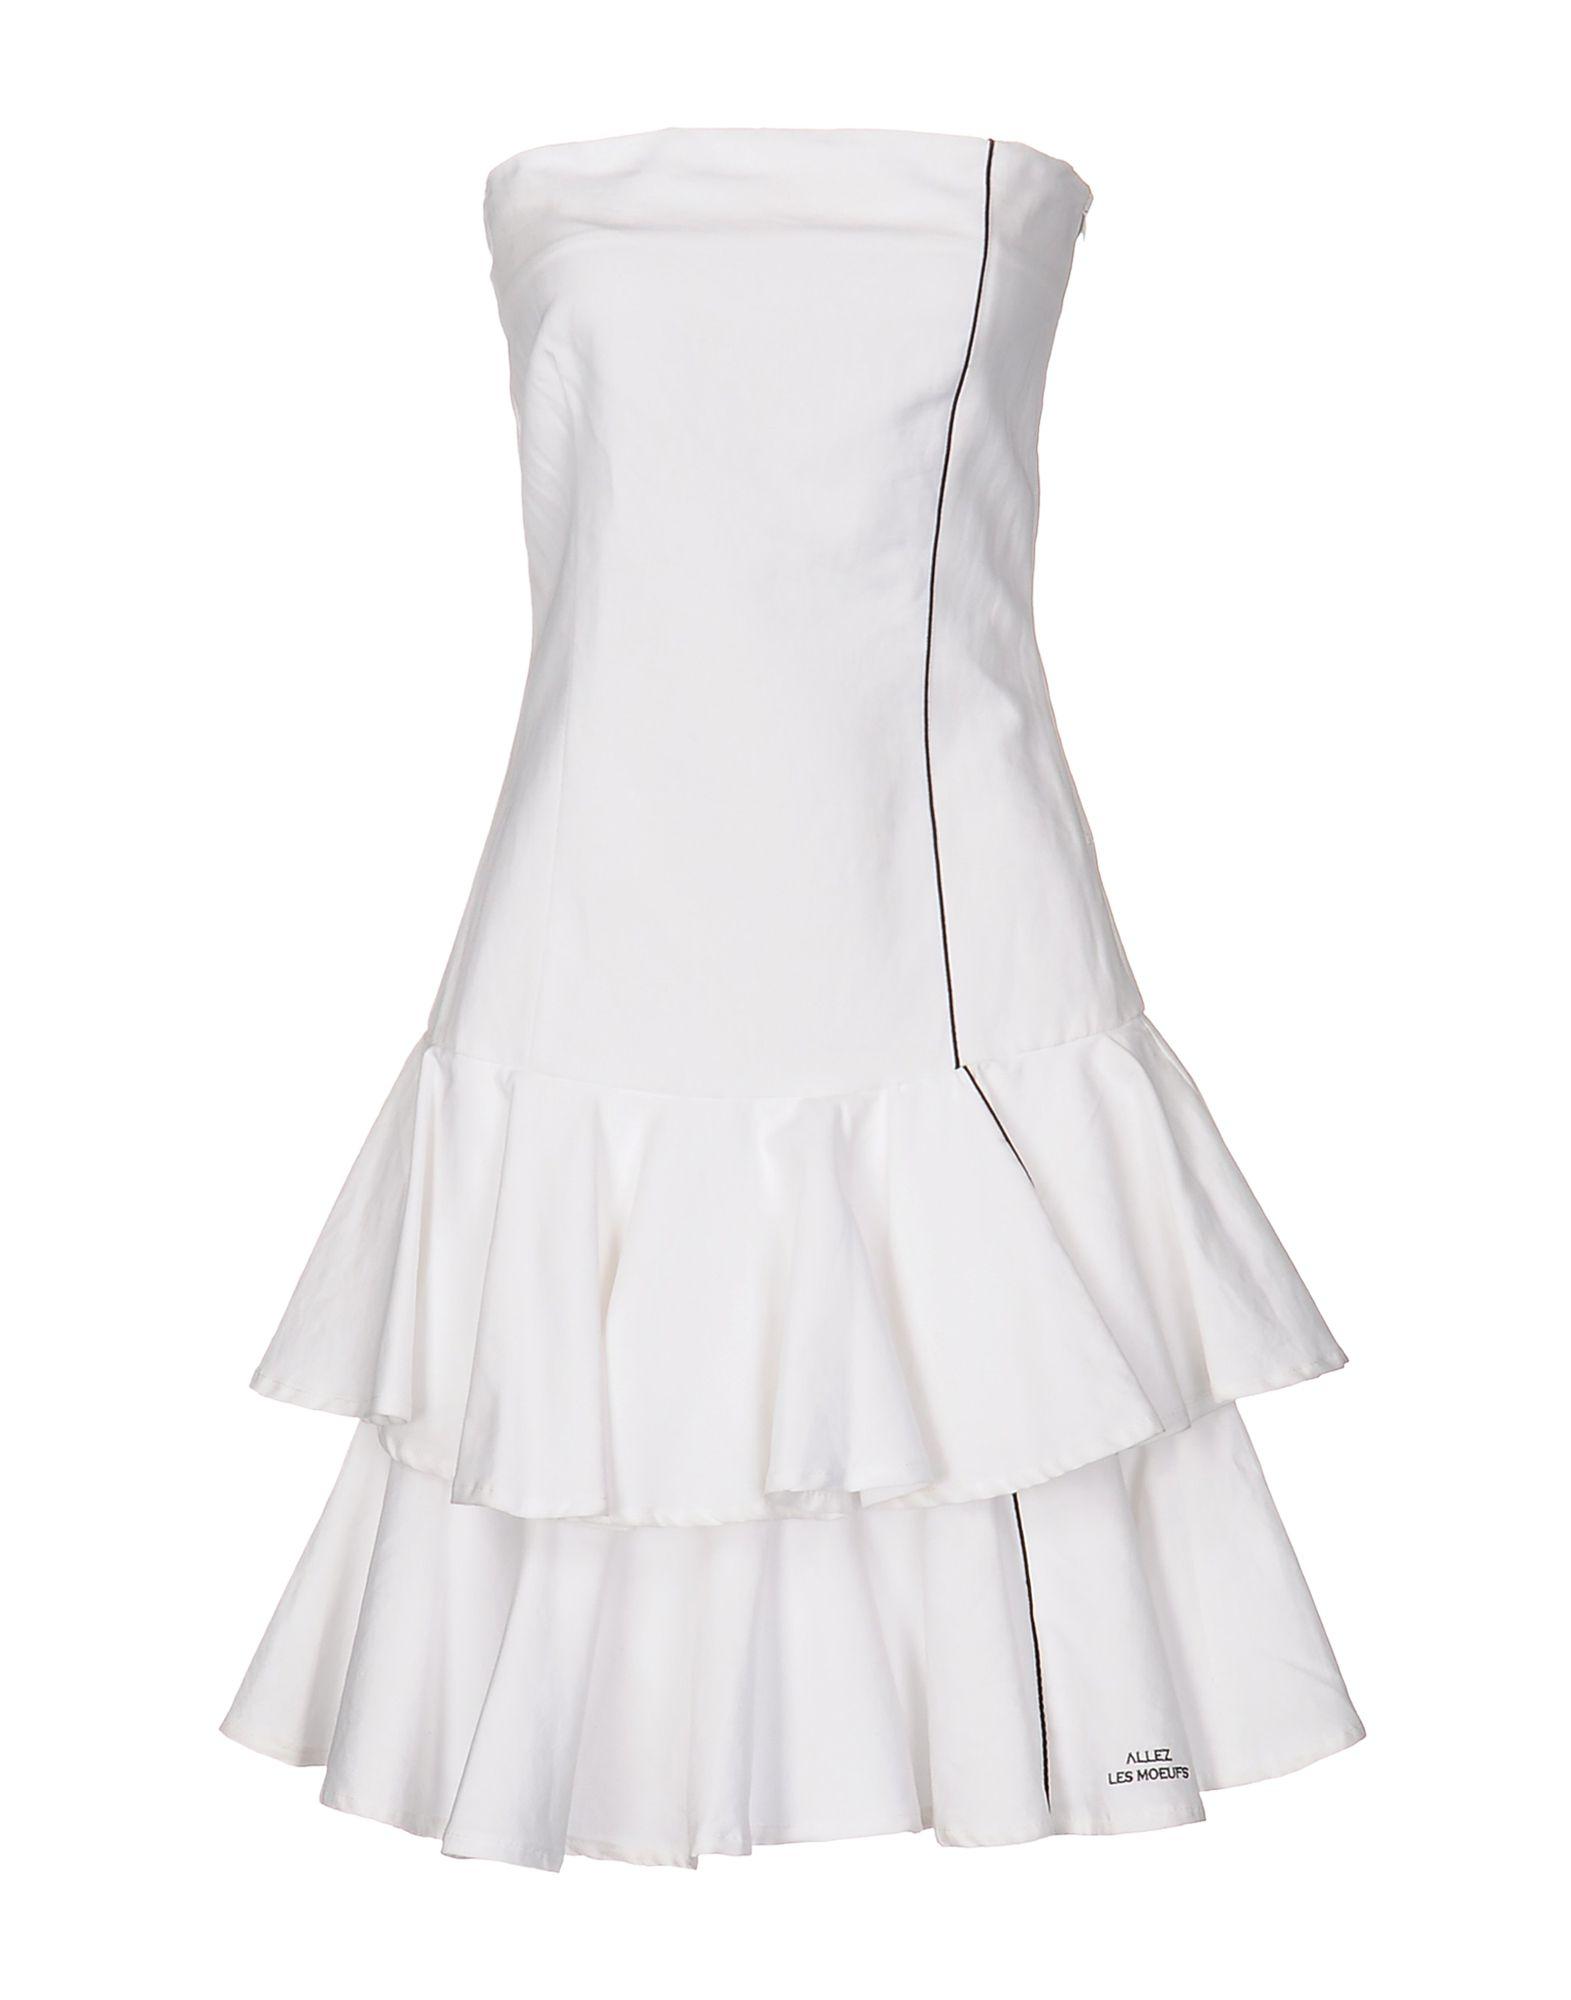 ALLEZ LES MOEUFS Короткое платье specialized allez compact 2013